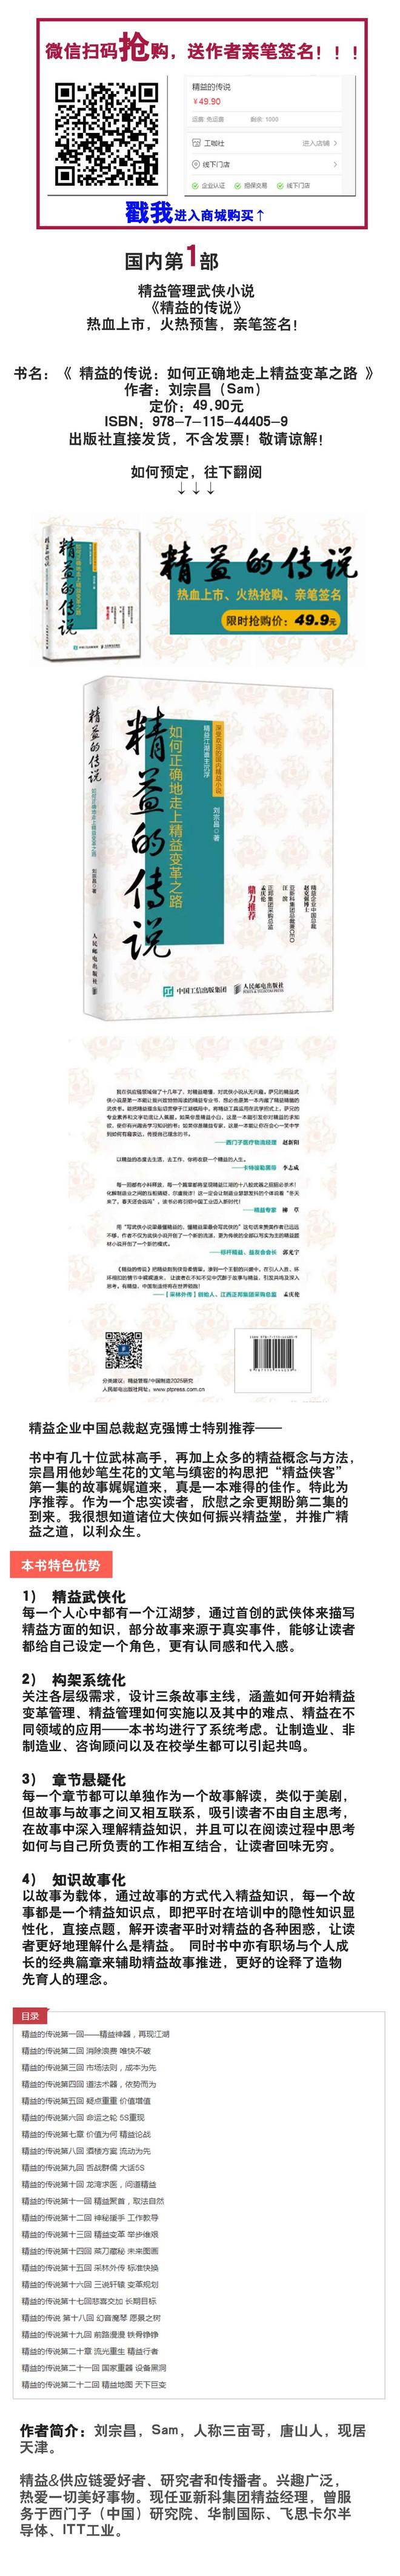 精益的传说(详情页).jpg